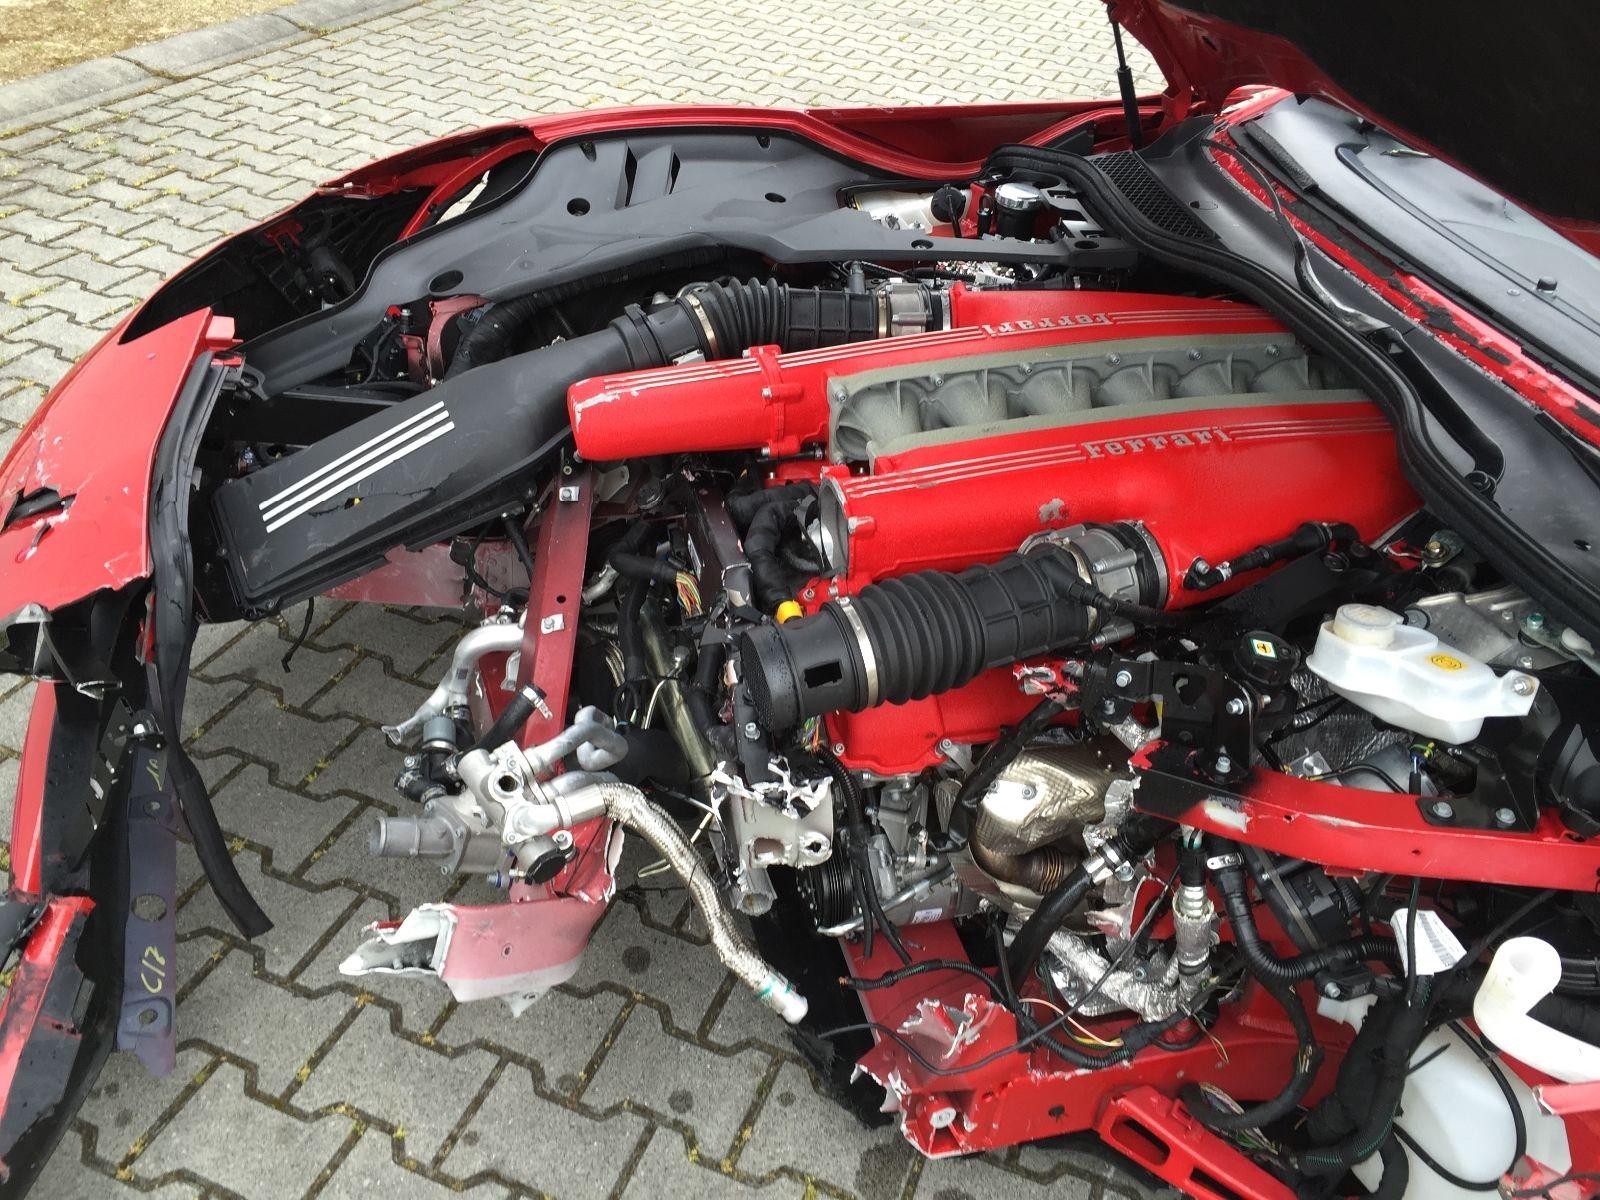 Ferrari F12 Price >> Would You Pay €77,000 for Half a Ferrari F12 Berlinetta? - autoevolution